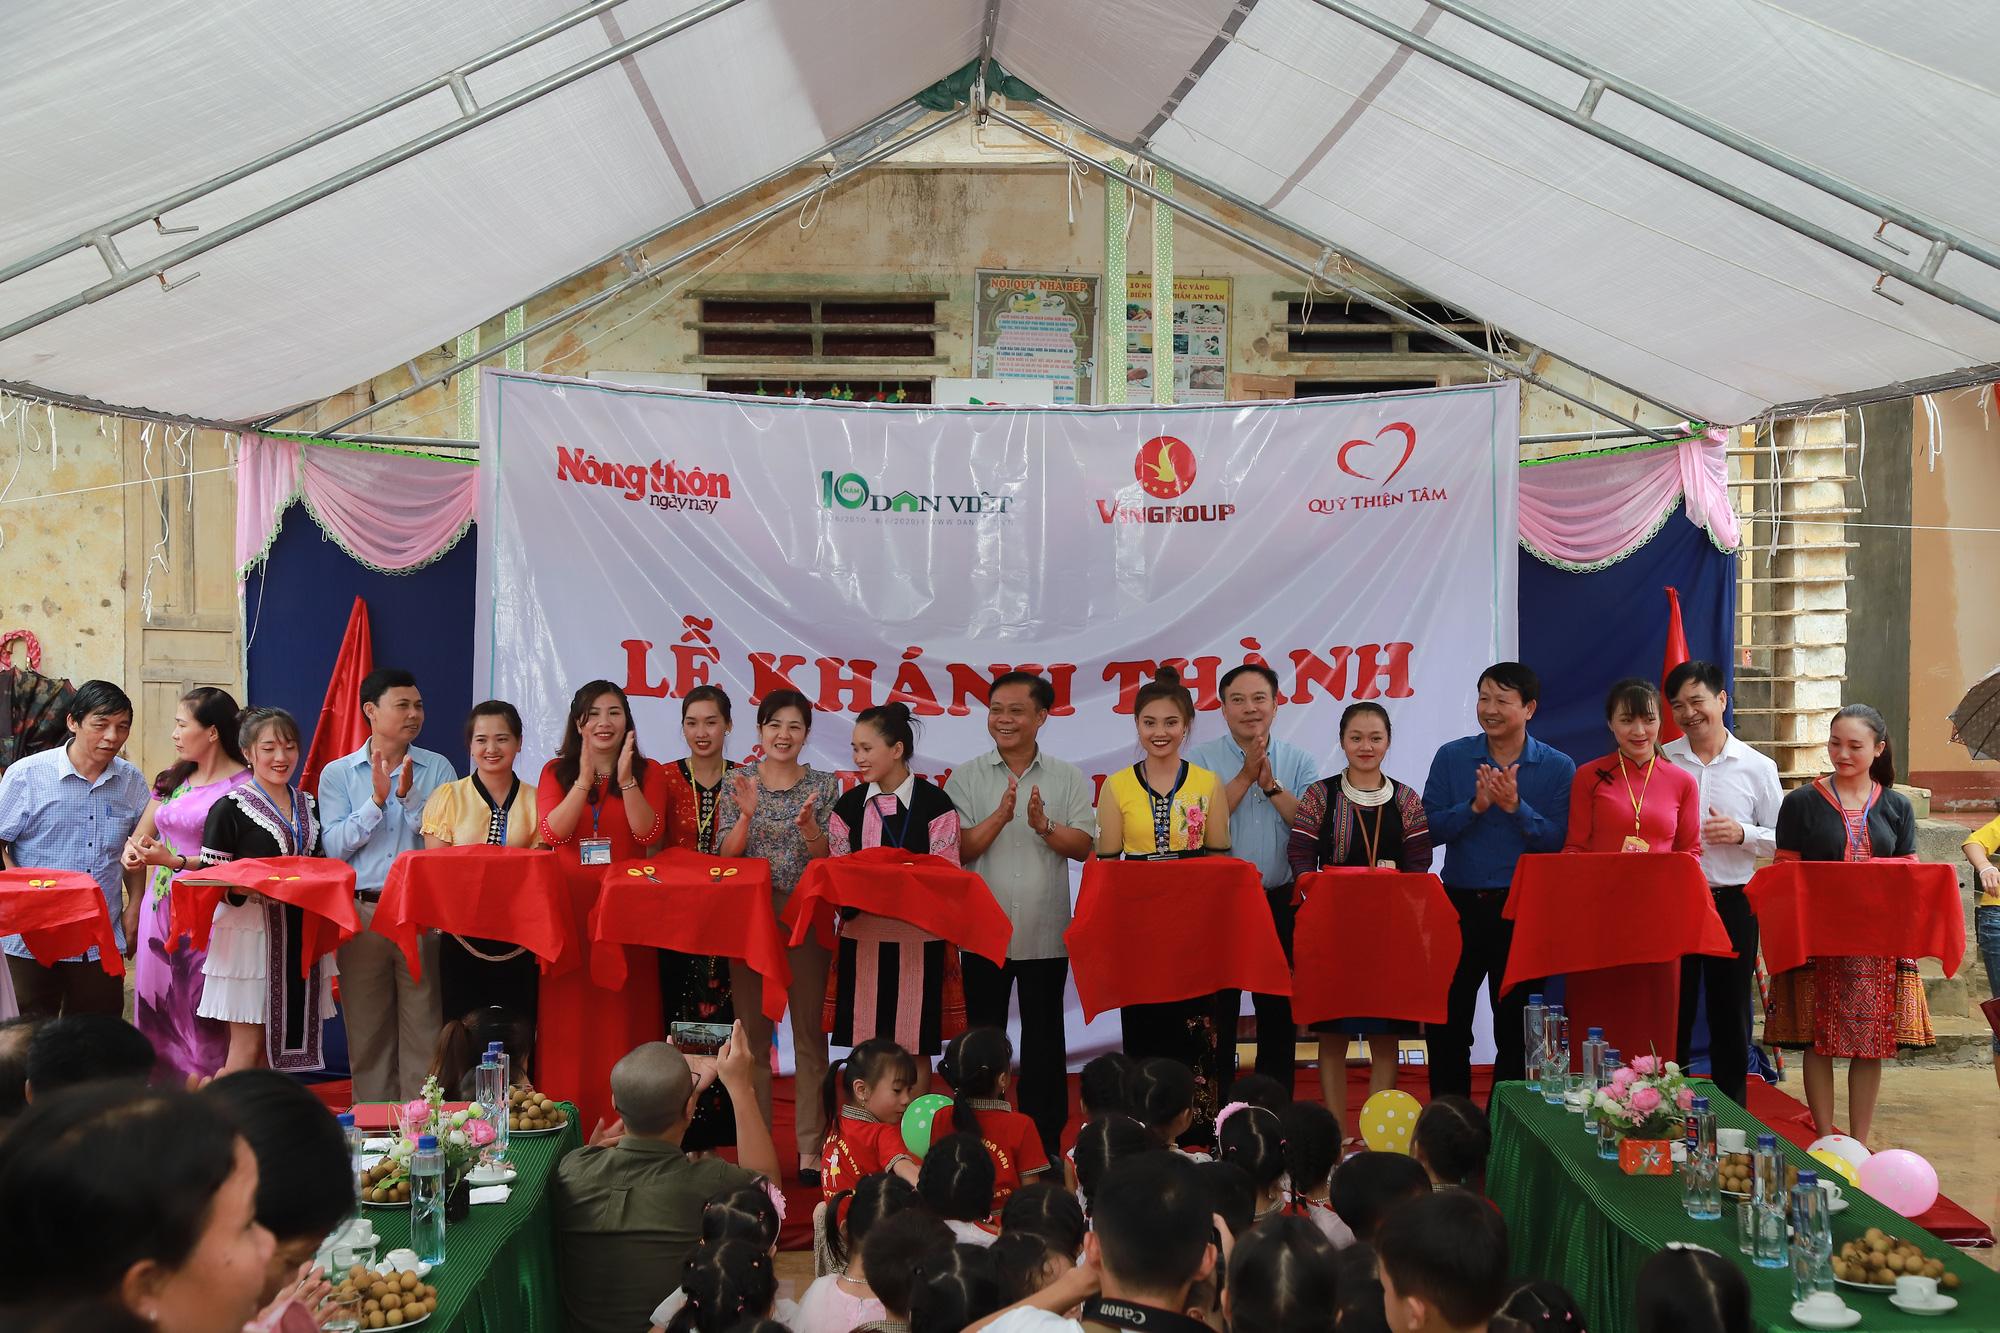 Gần trăm trẻ mầm non vùng cao biên giới Sơn La có điểm trường mơ ước - Ảnh 3.